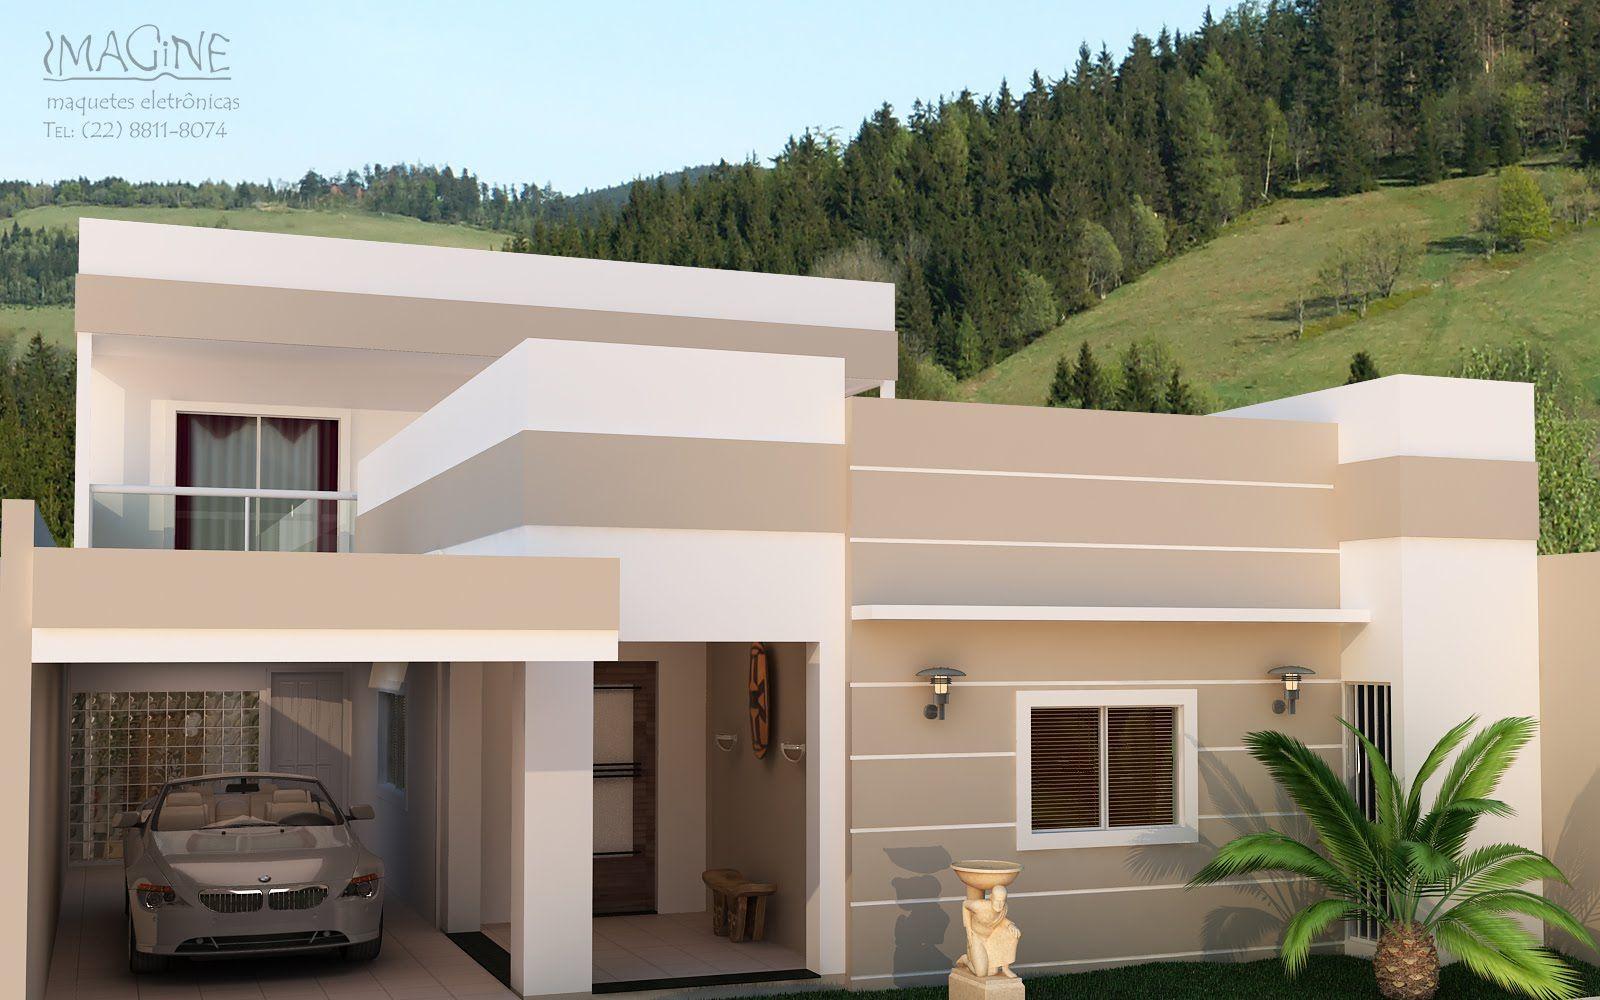 Fachadas de casas com cores fortes pesquisa google for Casas modernas pintadas